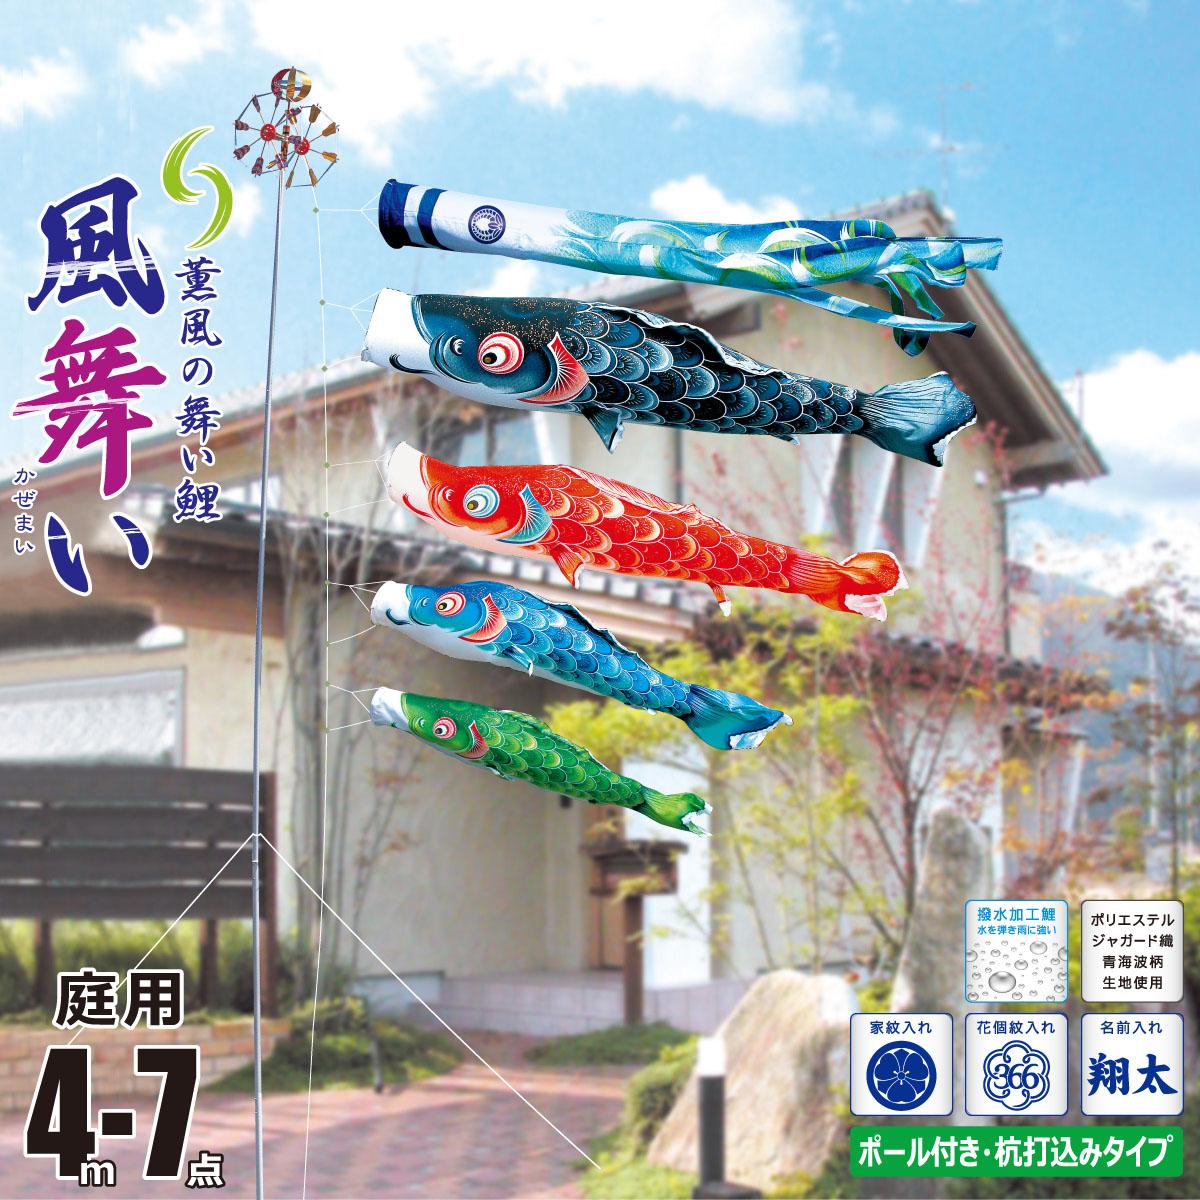 こいのぼり 4m 風舞い 7点 (矢車、ロープ、吹流し、鯉4匹) 庭園用 ガーデンセット (専用ポール一式) 徳永鯉のぼり KIT-112-051